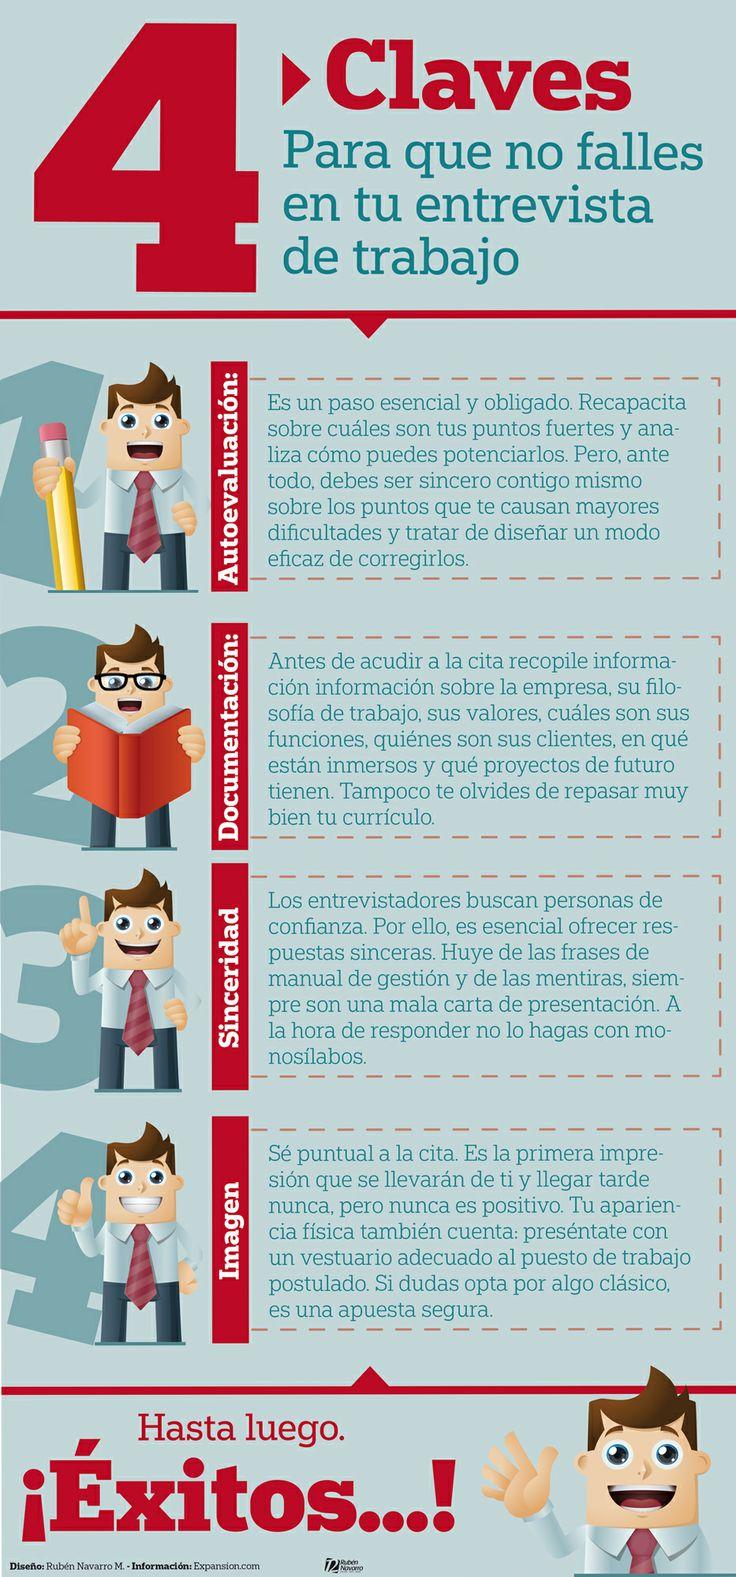 Infografía. 4 Claves para que no falles en tu entrevista de trabajo